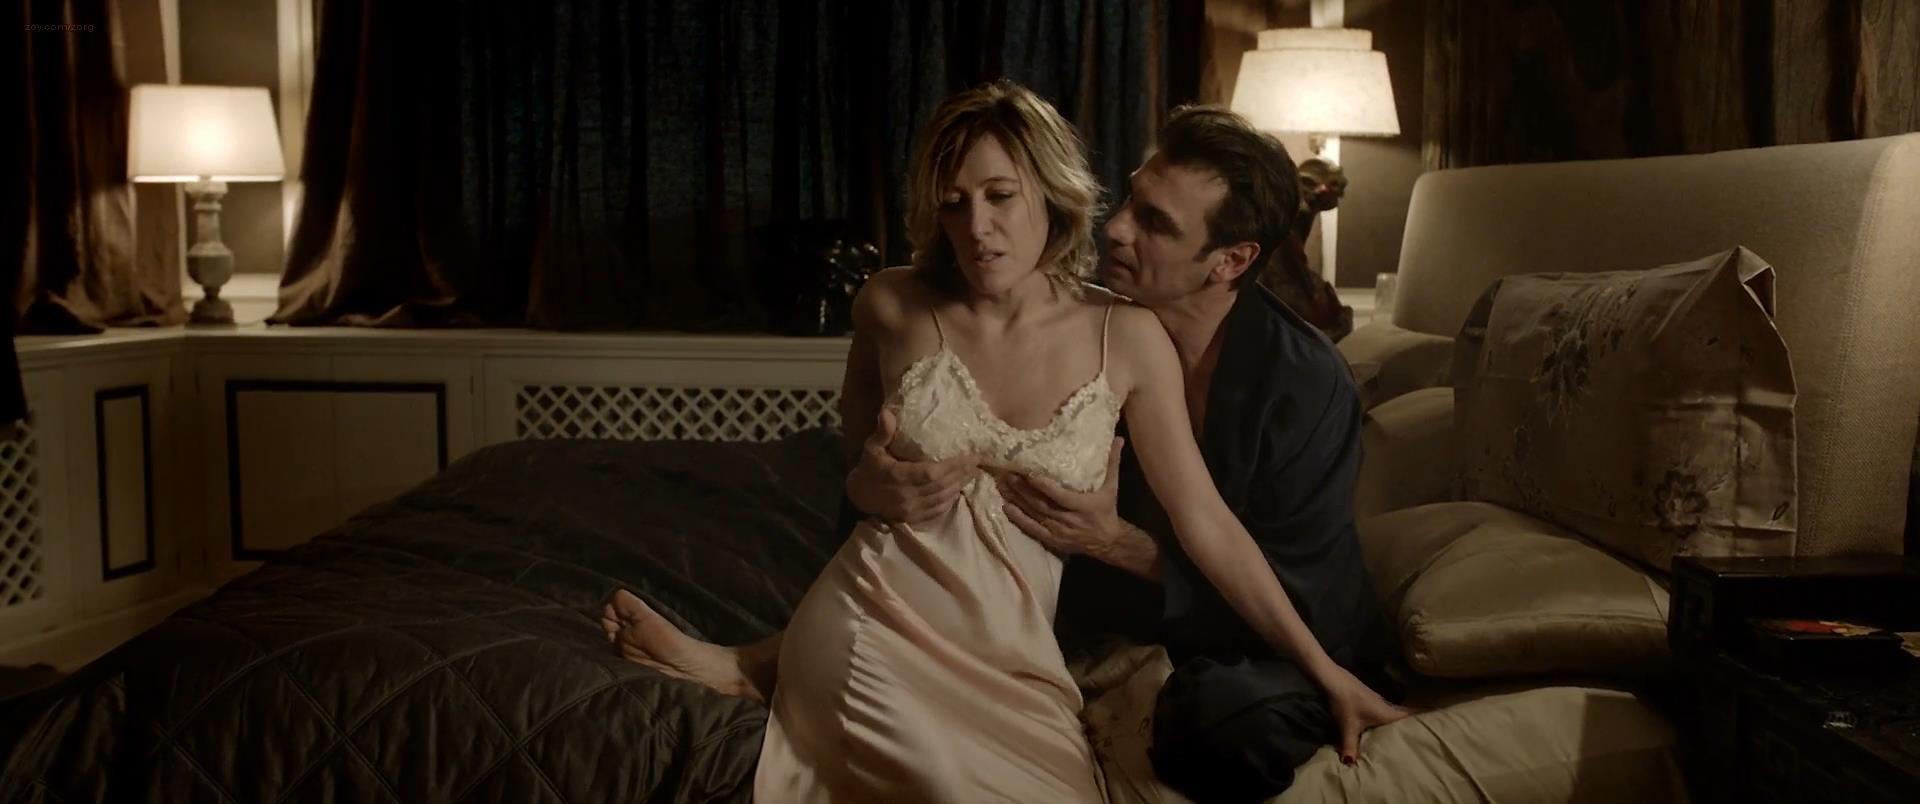 голливудские звезды в постельных сценах смотреть онлайн разницы